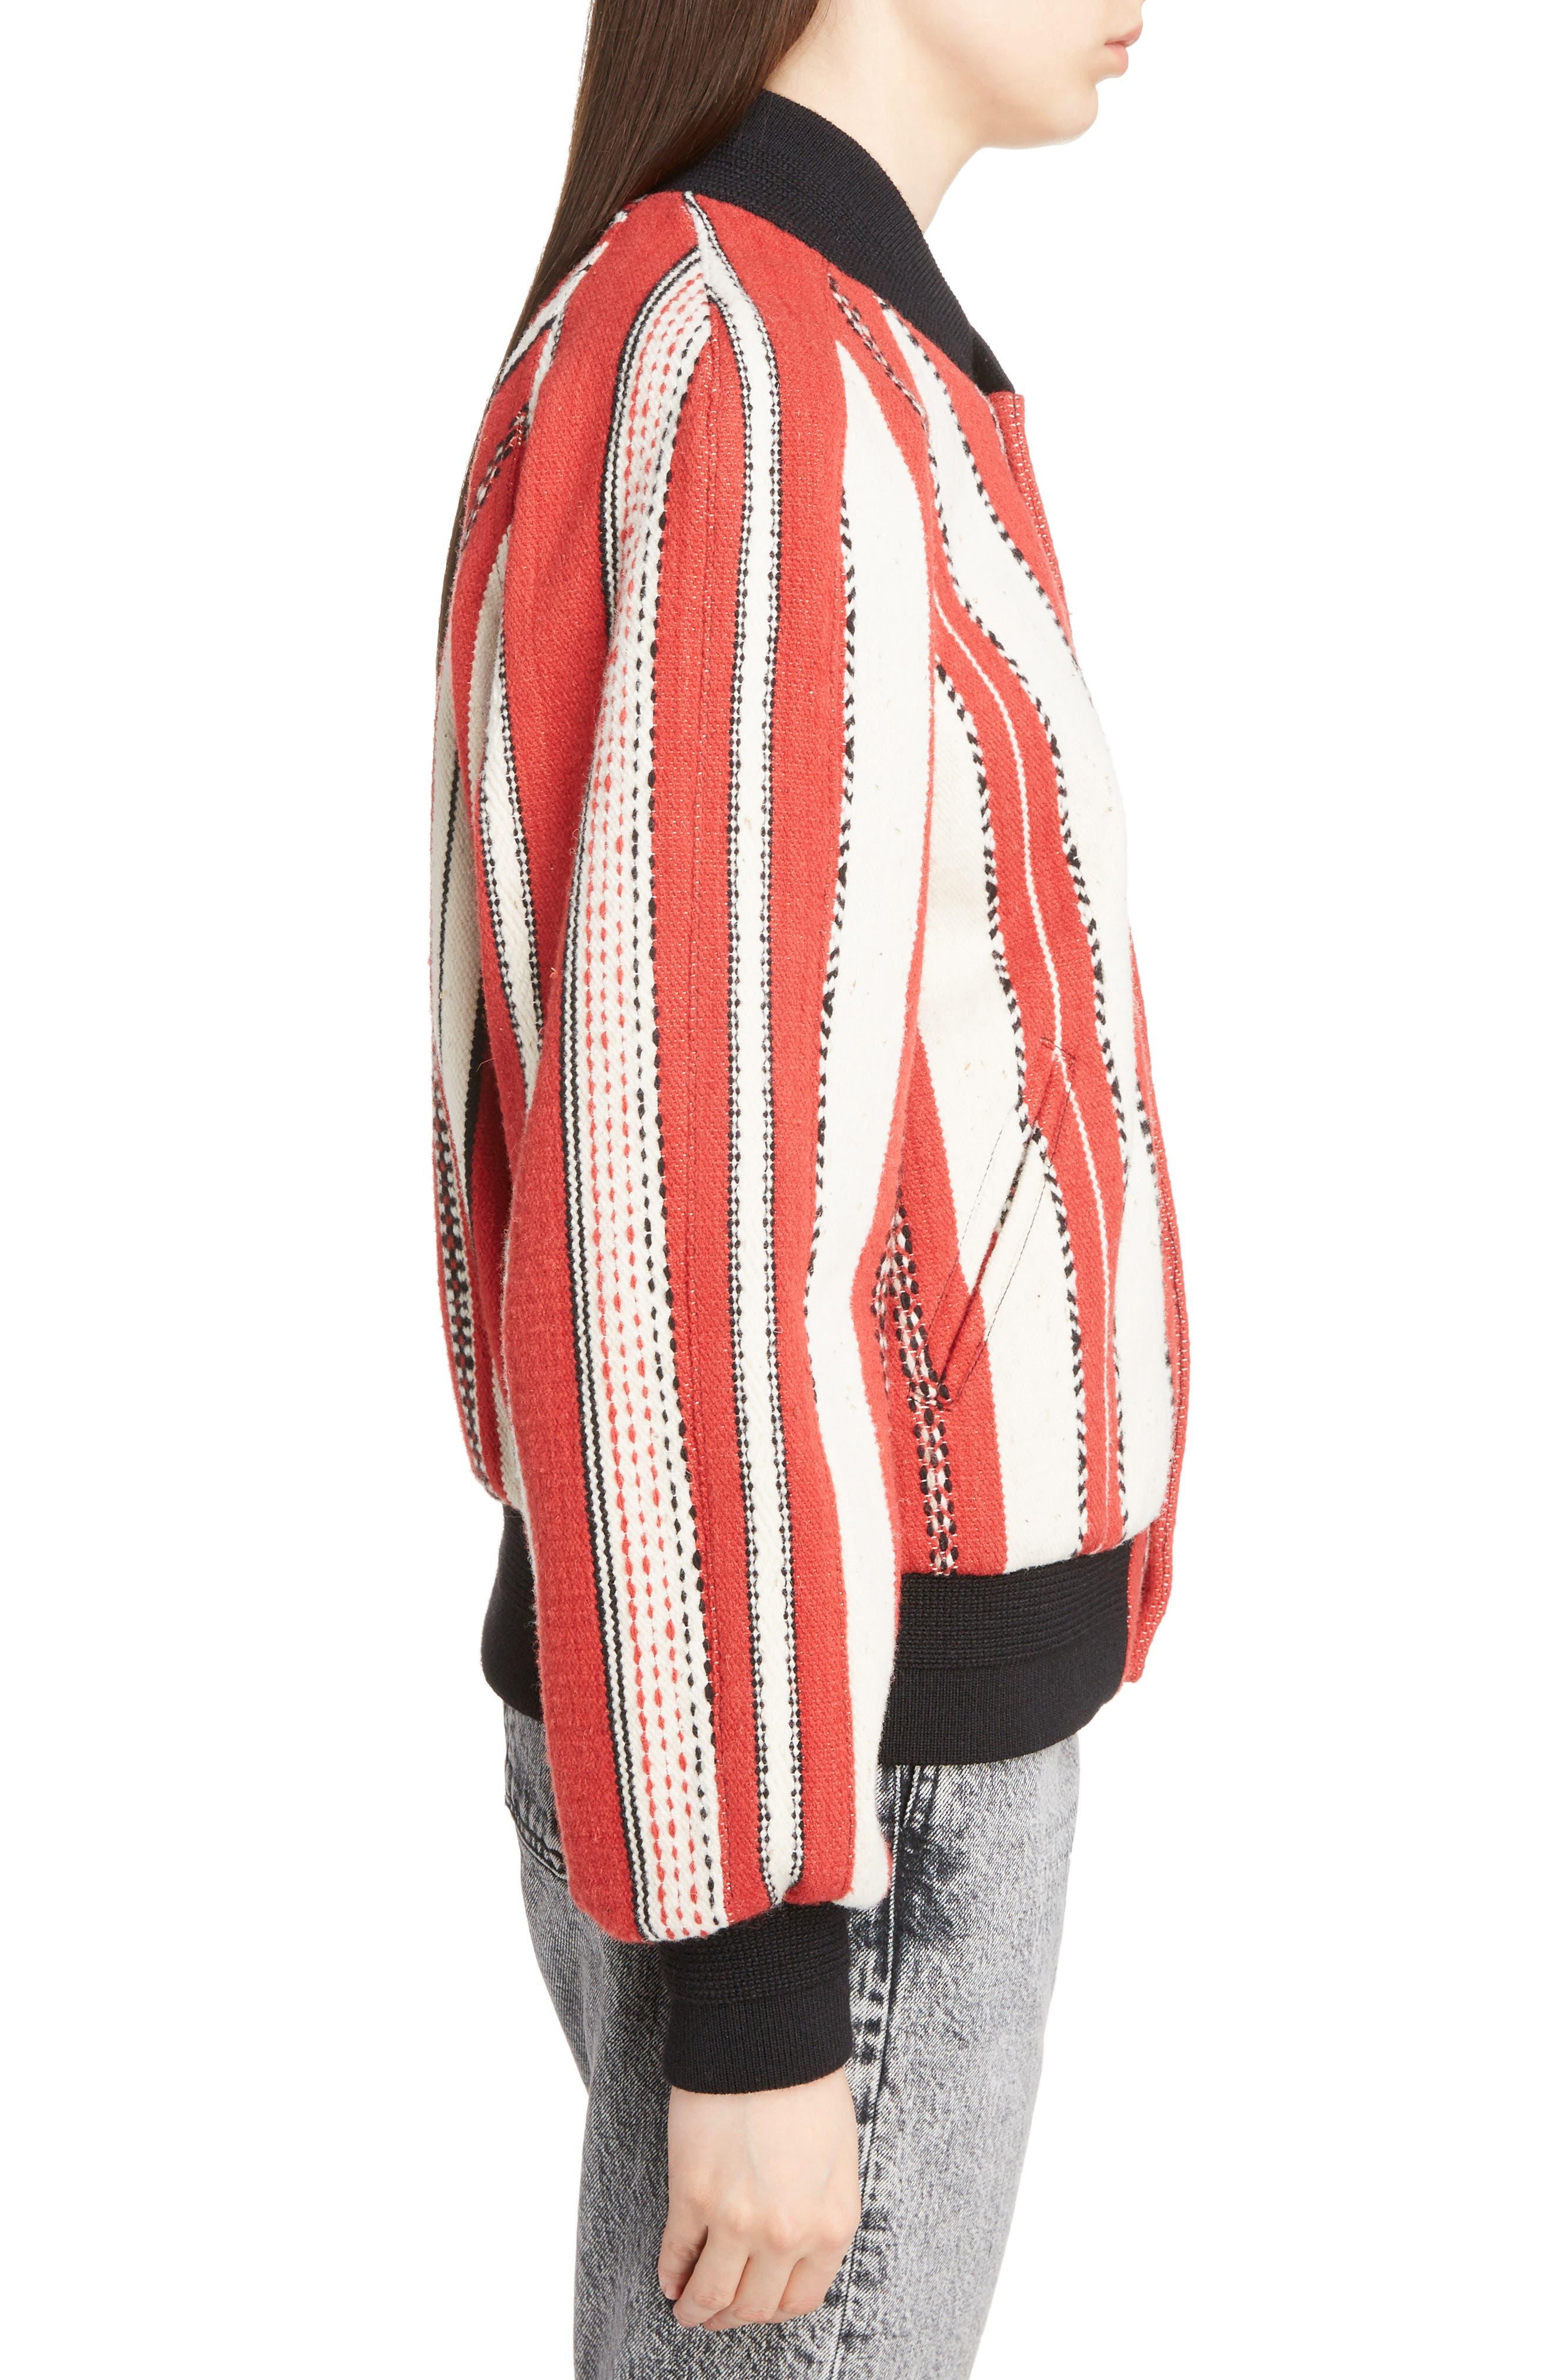 Tapestry Wool Blend Teddy Jacket,                             Alternate thumbnail 3, color,                             Rouge Craie Noir